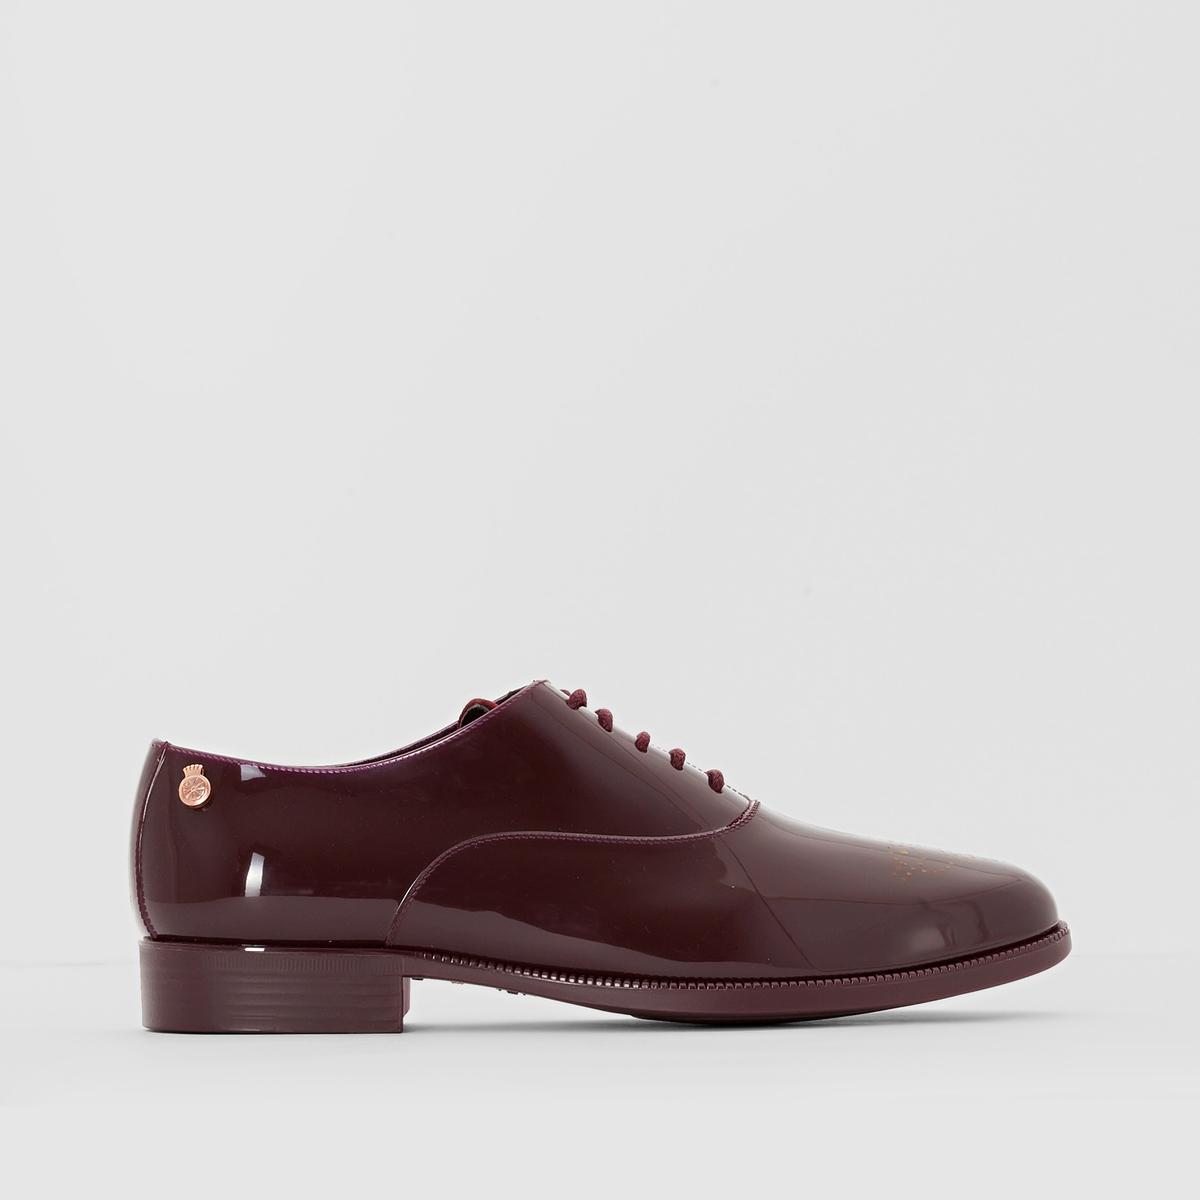 Ботинки-дерби лакированные Jeny ботинки дерби под кожу питона